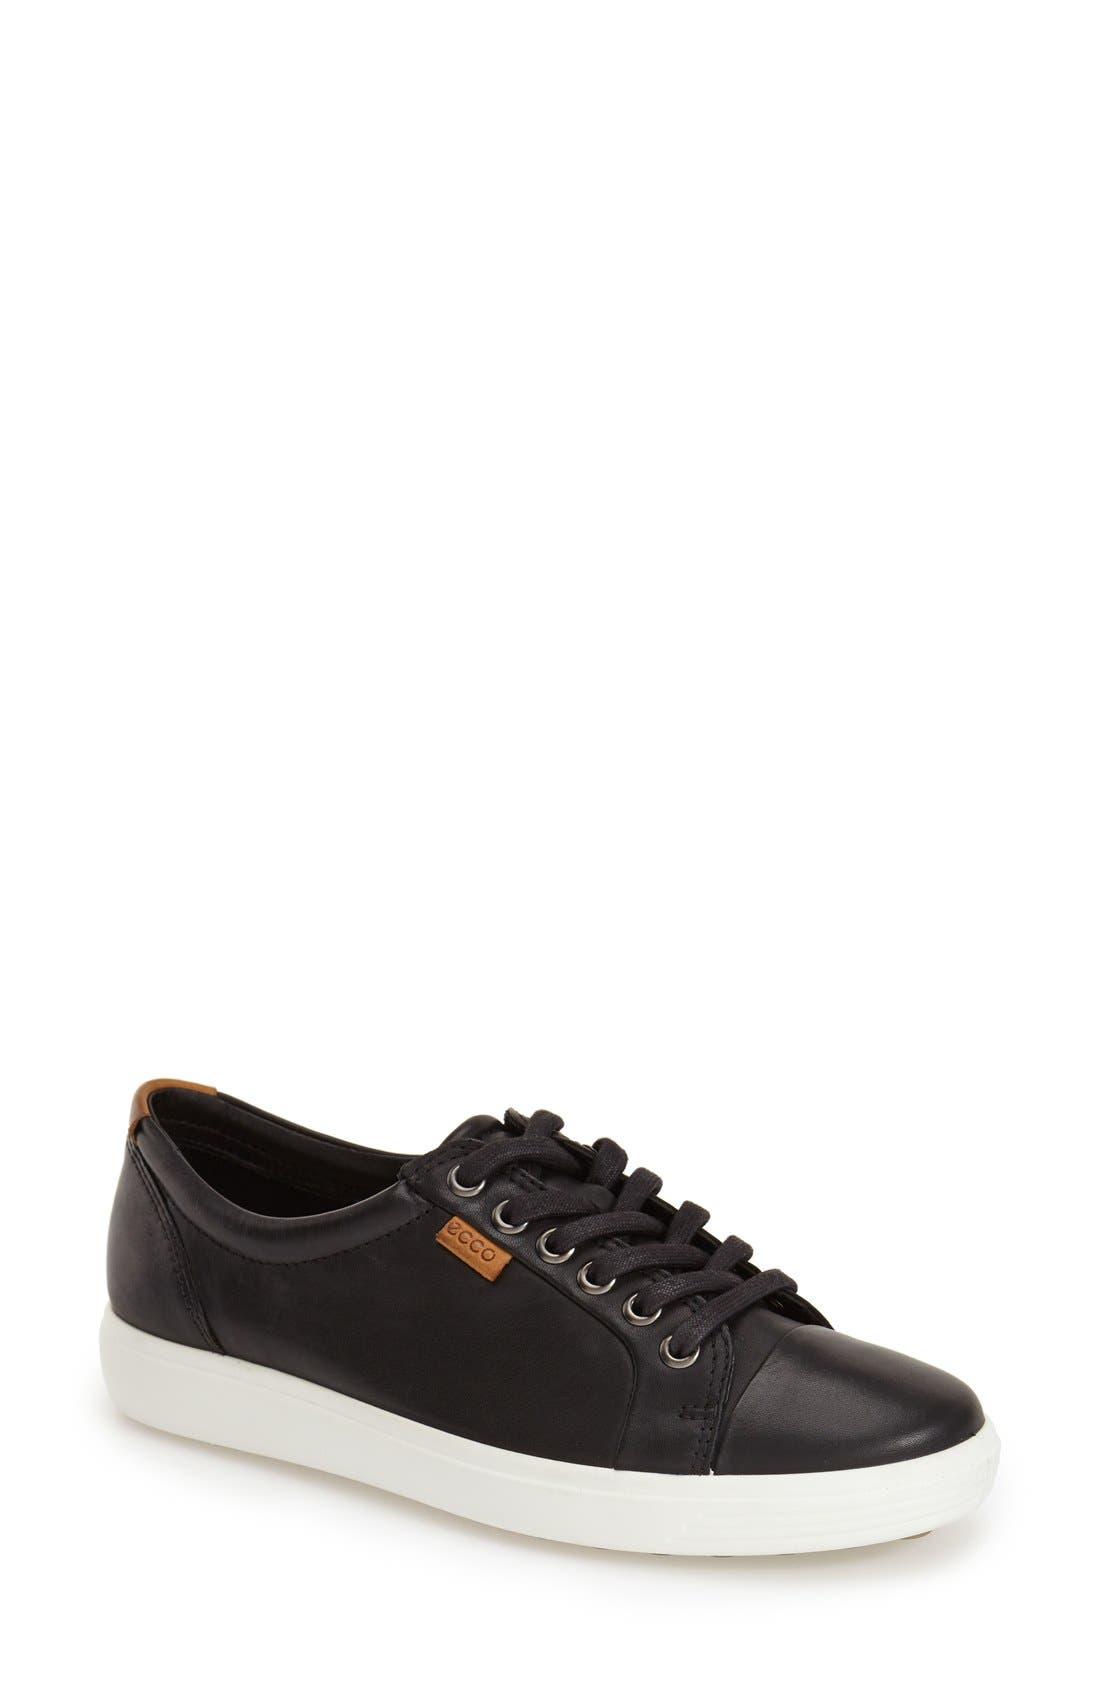 ECCO Women's Ecco Soft 7 Sneaker, Size 11-11.5US - Black